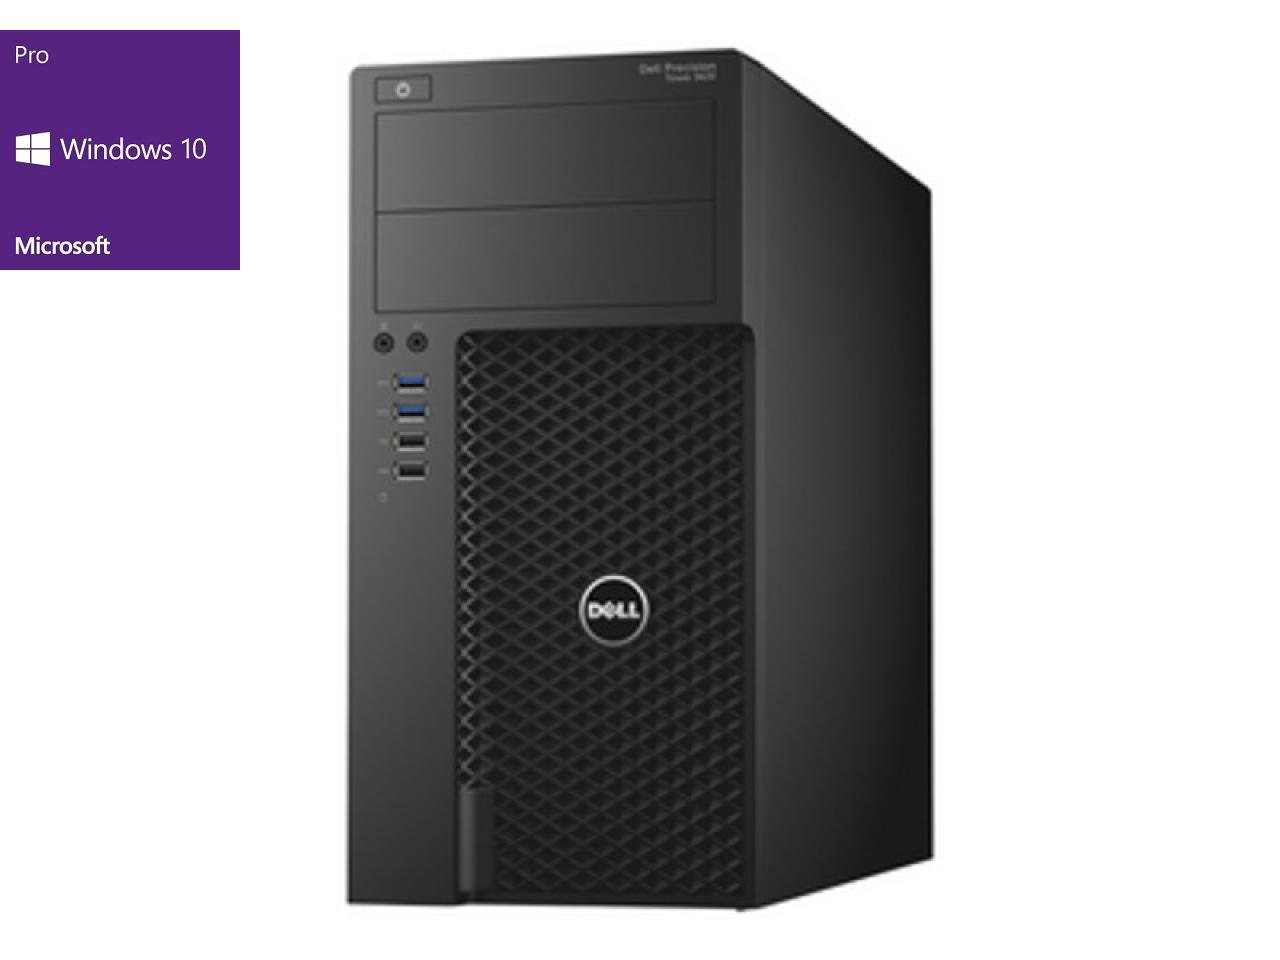 Dell Precision 3620 MT  - shop.bb-net.de